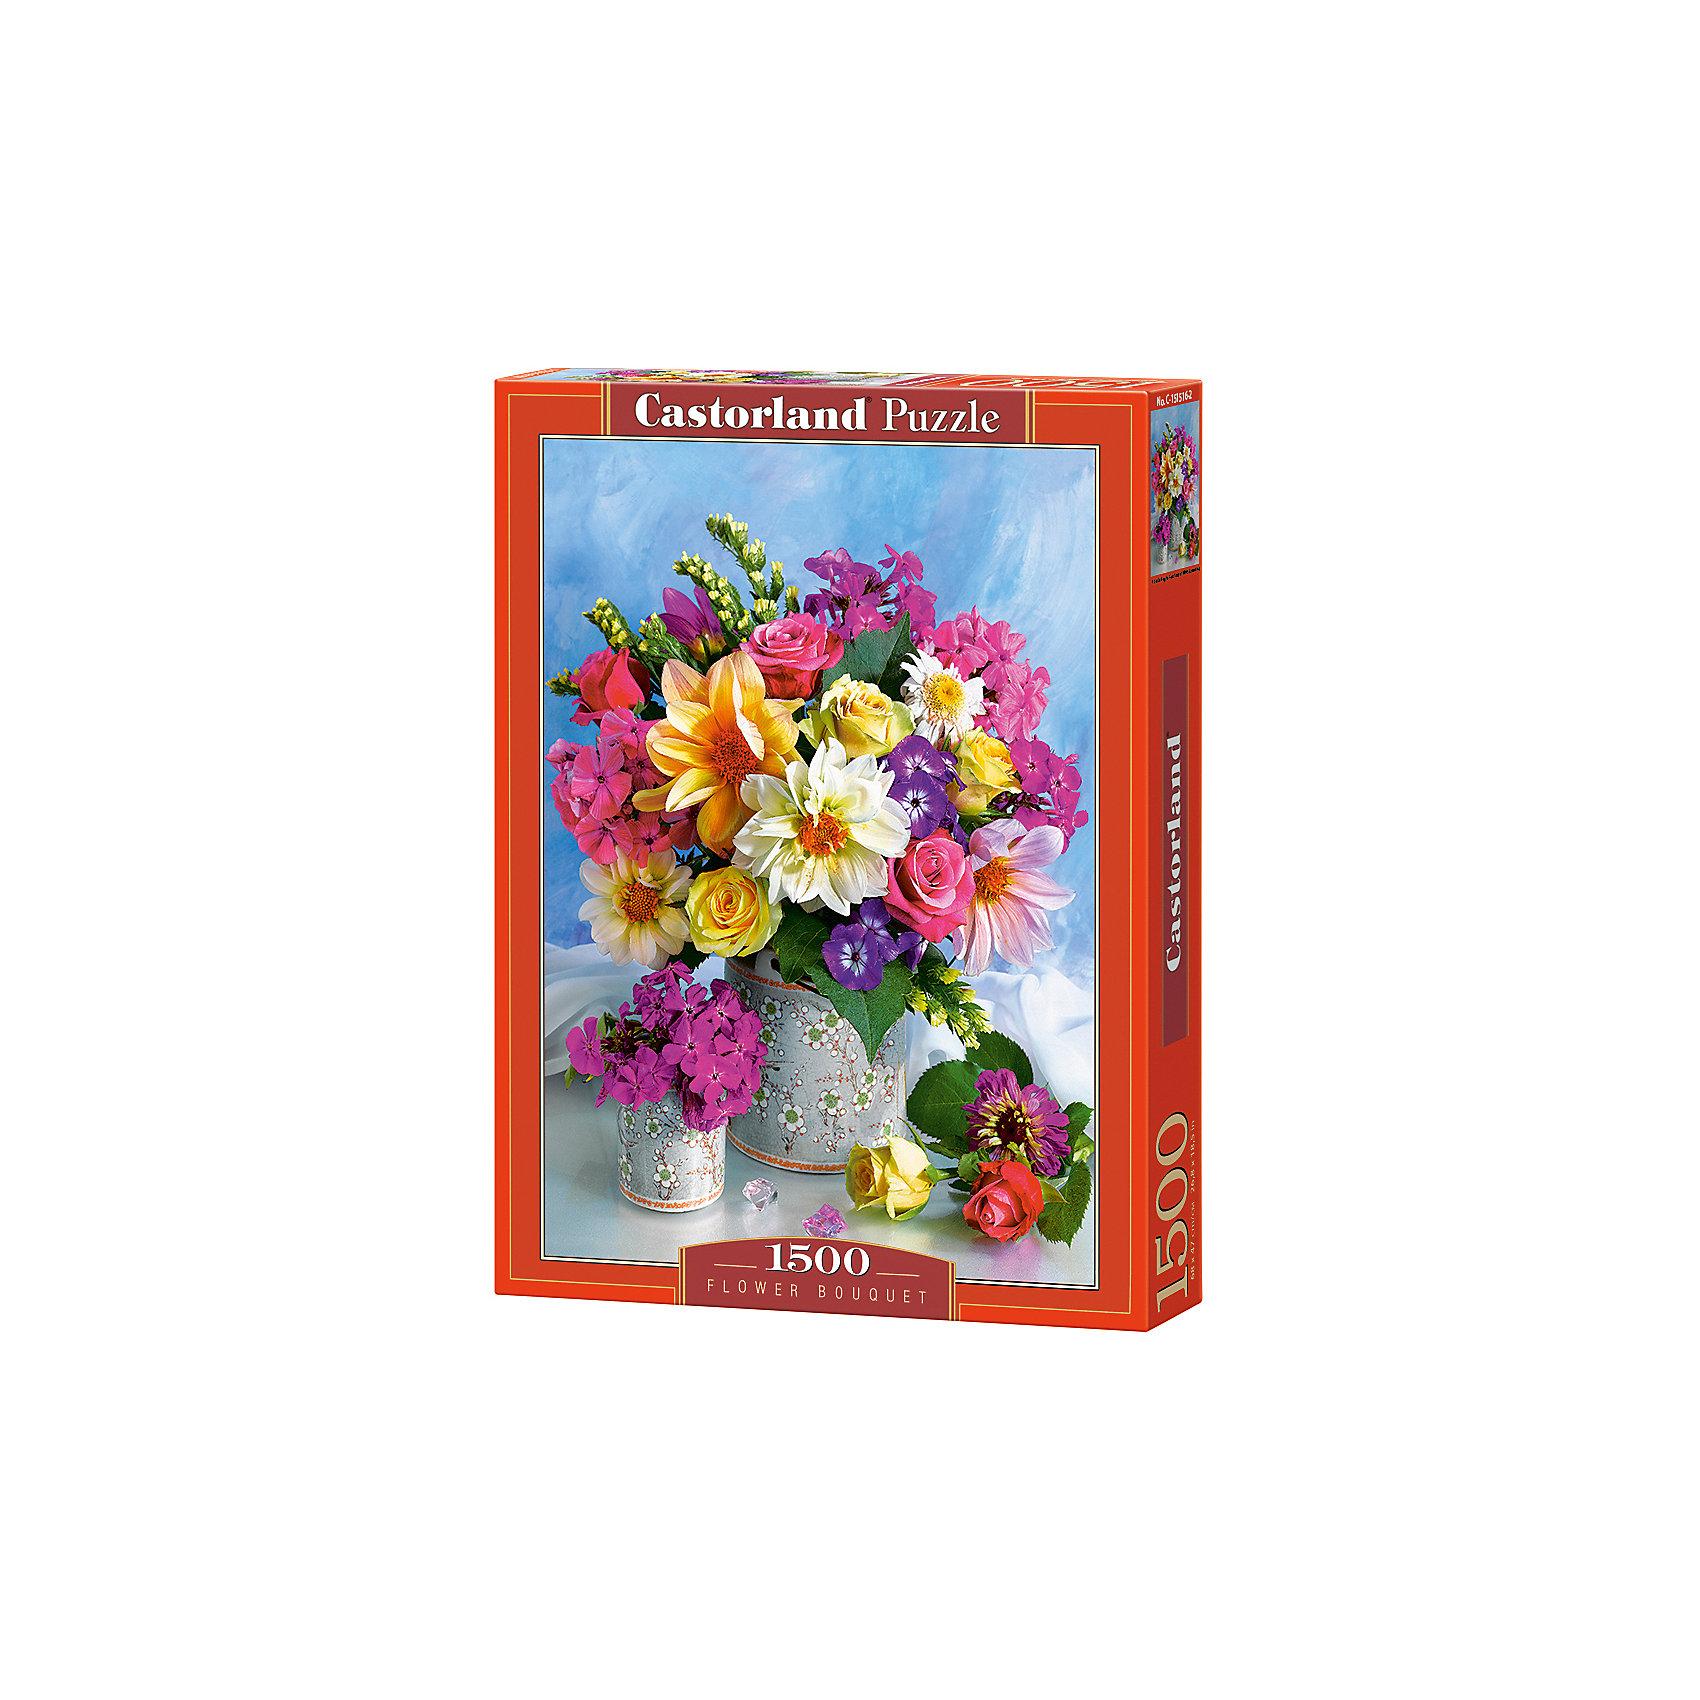 Пазл Castorland Букет цветов, 1500 деталейПазлы для детей постарше<br>Характеристики:<br><br>• возраст: от 9 лет<br>• количество деталей: 1500 шт.<br>• размер собранного пазла: 47х68 см.<br>• материал: картон<br>• упаковка: картонная коробка<br>• размер упаковки: 25x5x35 см.<br>• вес: 600 гр.<br>• страна обладатель бренда: Польша<br><br>Пазл «Букет цветов» от Castorland (Касторленд) отличается высоким качеством, высоким уровнем полиграфии, насыщенными цветами и идеальной стыковкой элементов. Элементы пазла изготовлены из плотного, не расслаивающегося картона. Пазл «Букет цветов» предназначен для сборки детьми среднего и старшего возраста и, конечно, для взрослых. Из 1500 элементов пазла складывается красивая картина с изображением прекрасного букета цветов.<br><br>Пазл Букет цветов, 1500 деталей, Castorland (Касторленд) можно купить в нашем интернет-магазине.<br><br>Ширина мм: 350<br>Глубина мм: 250<br>Высота мм: 50<br>Вес г: 600<br>Возраст от месяцев: 108<br>Возраст до месяцев: 2147483647<br>Пол: Женский<br>Возраст: Детский<br>SKU: 6725079